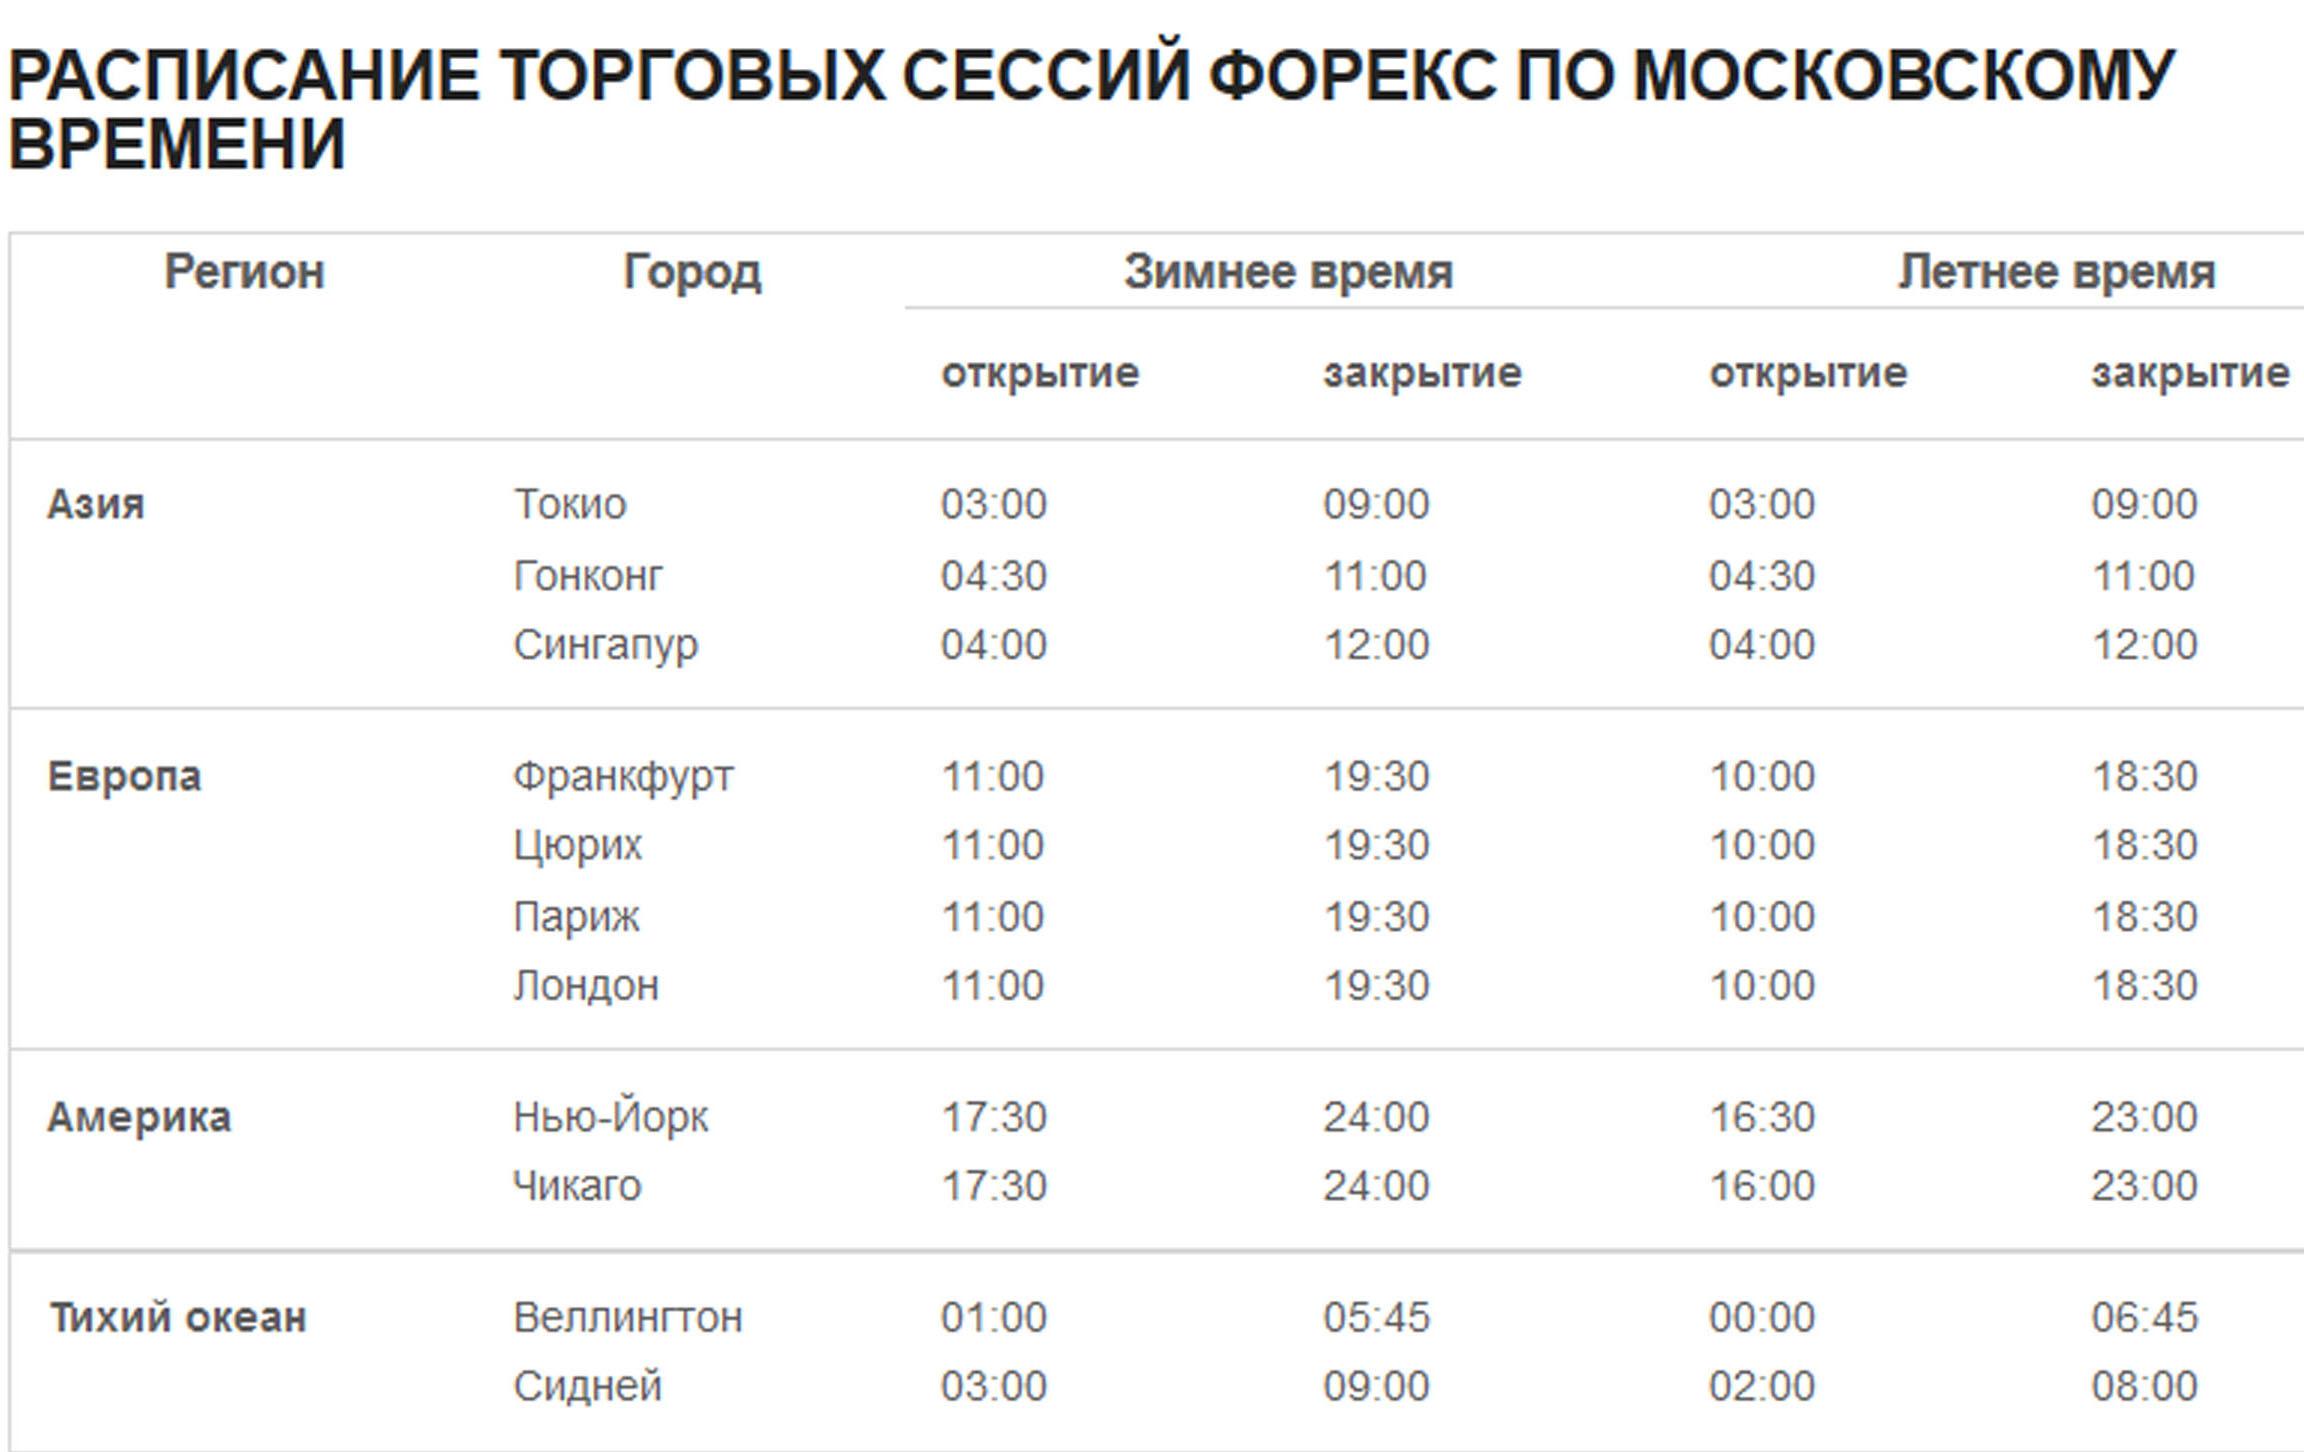 Расписание сессий forex